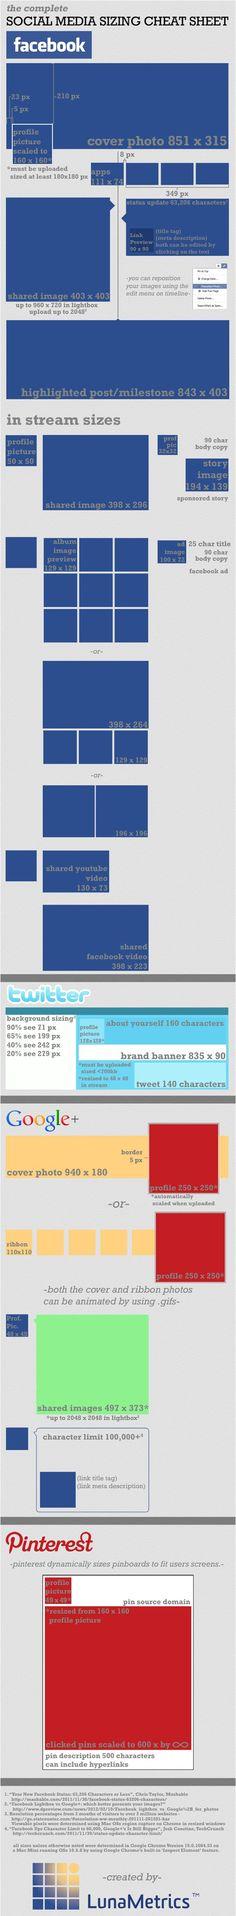 Guía completa con todas las medidas de  imágenes en Social Media